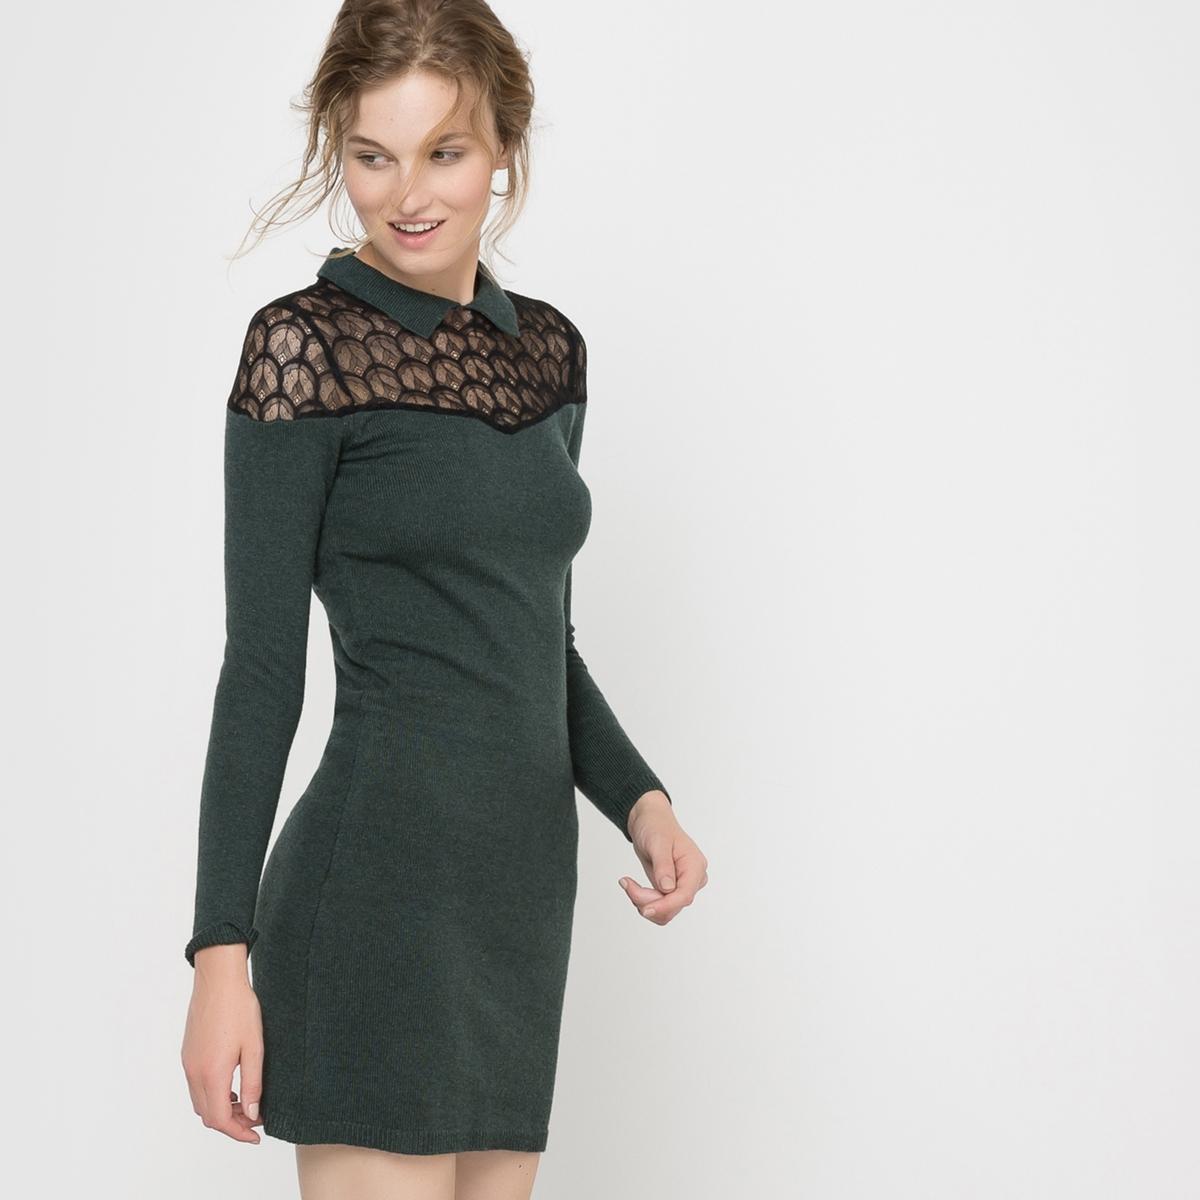 Платье из вязаного трикотажа и кружеваСостав и описаниеМарка : Mademoiselle R.Материал : 50% полиамида, 45% вискозы, 5% альпаки Длина : 90 смУходМашинная стирка при 30 °C   Стирать с вещами схожих цветовСтирать и гладить при очень низкой температуре с изнаночной стороныГладить кружево запрещается<br><br>Цвет: темно-зеленый,темно-синий,черный<br>Размер: 42/44 (FR) - 48/50 (RUS).38/40 (FR) - 44/46 (RUS).42/44 (FR) - 48/50 (RUS).42/44 (FR) - 48/50 (RUS)